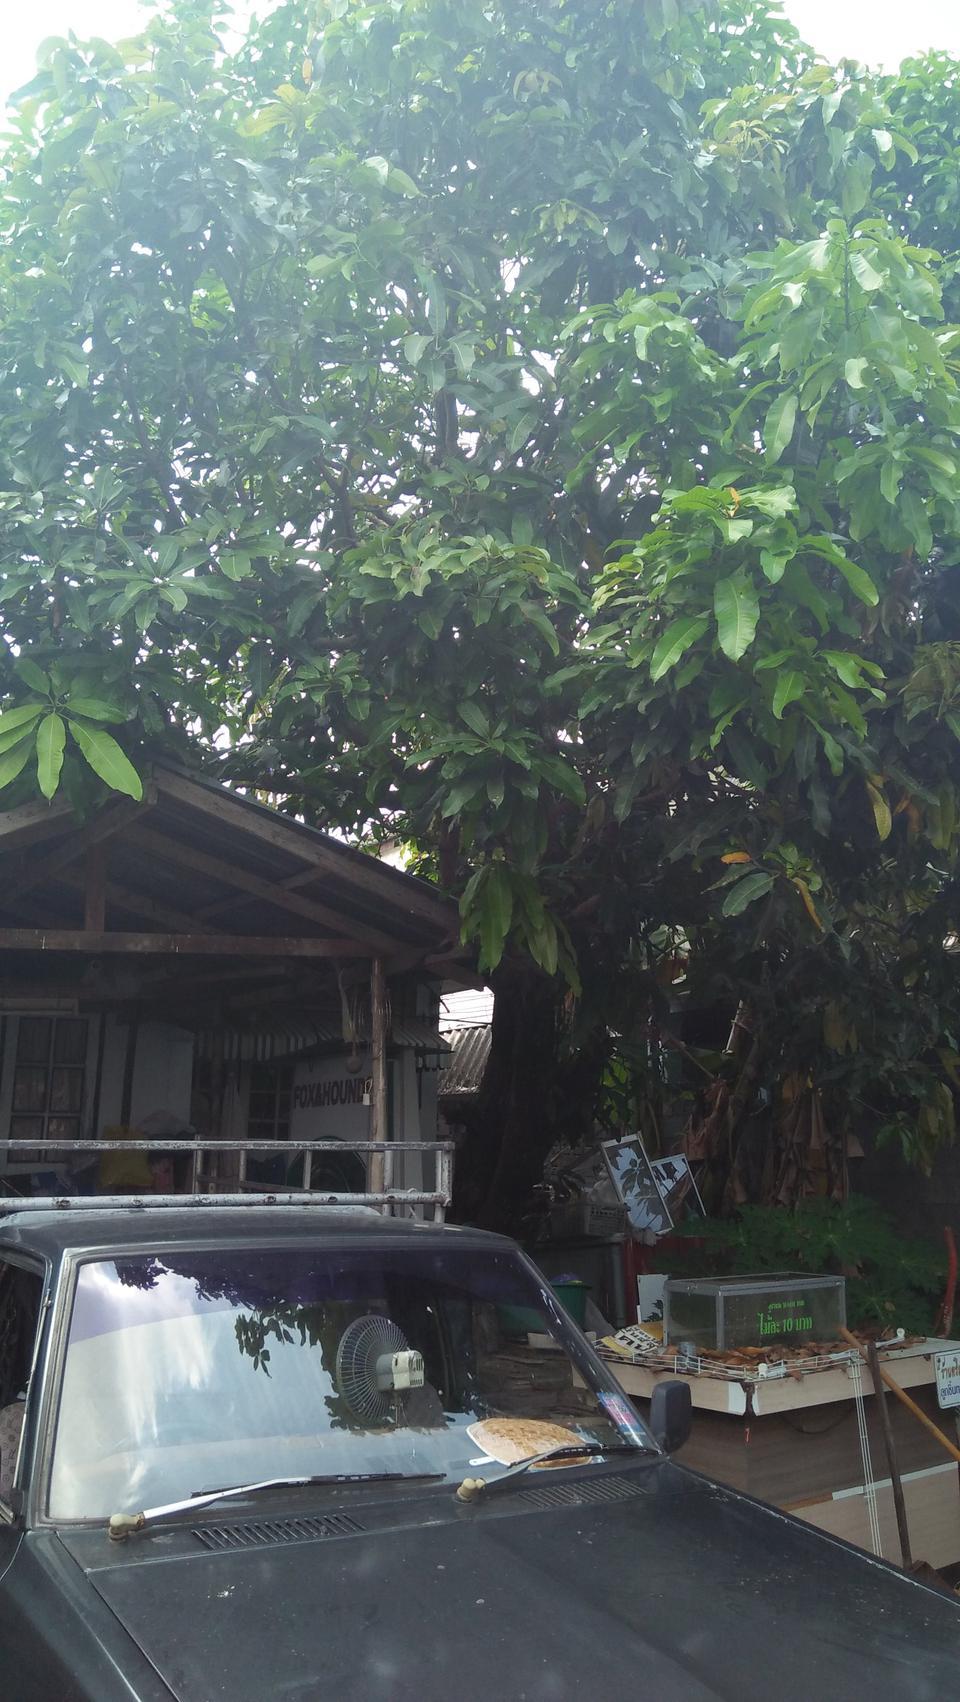 ขายบ้าน เนื้อที่ดิน 80 วา ย่าน หนามแดง-สำโรง ถนนเทพา รูปที่ 4